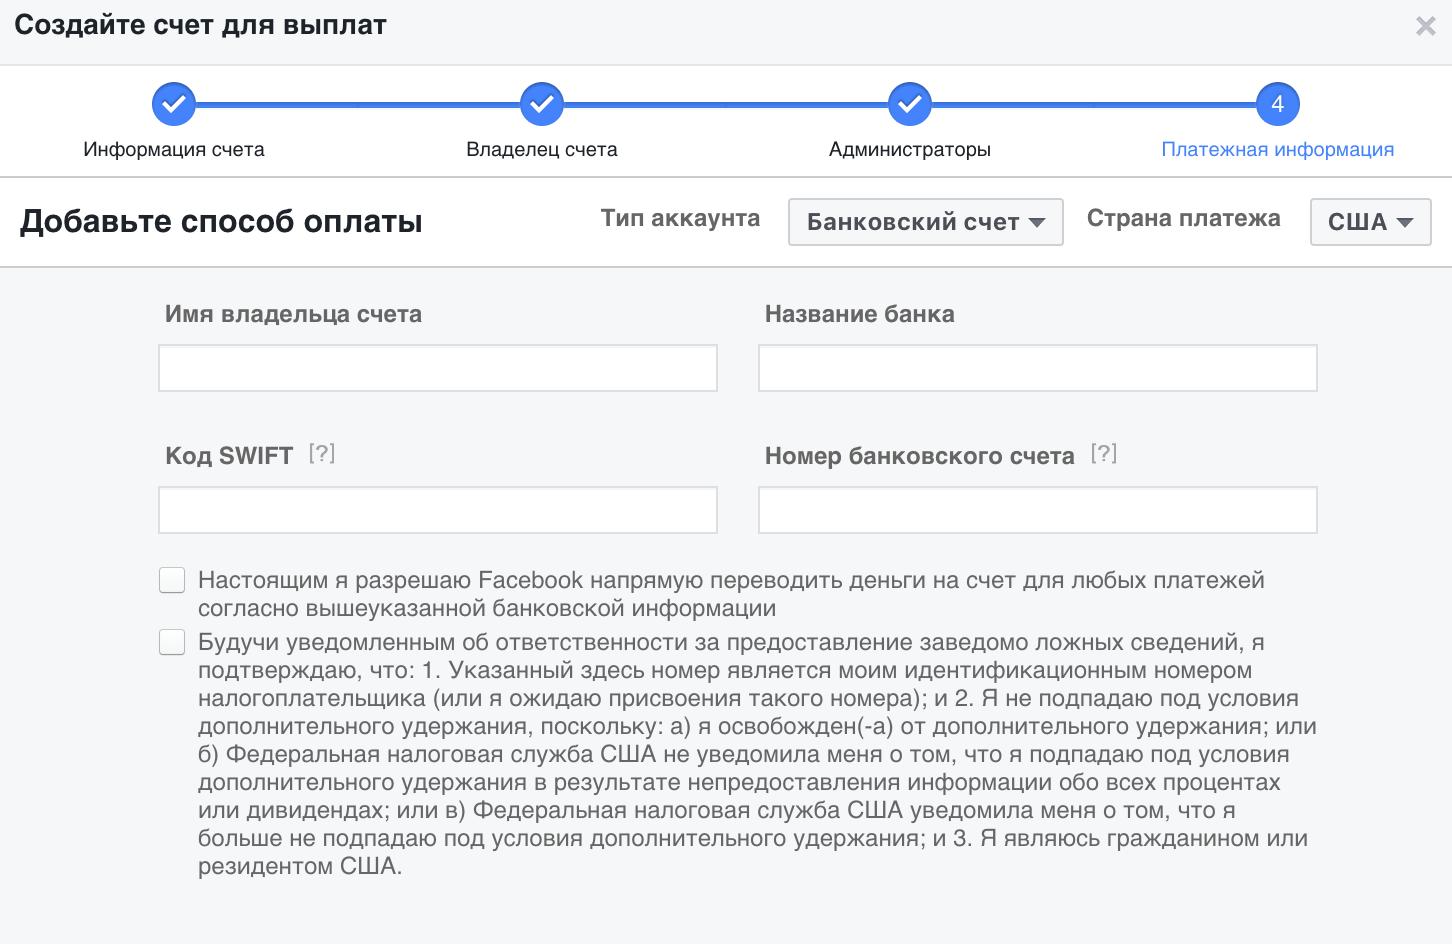 Обзор важных юридических требований платформы Facebook - 6